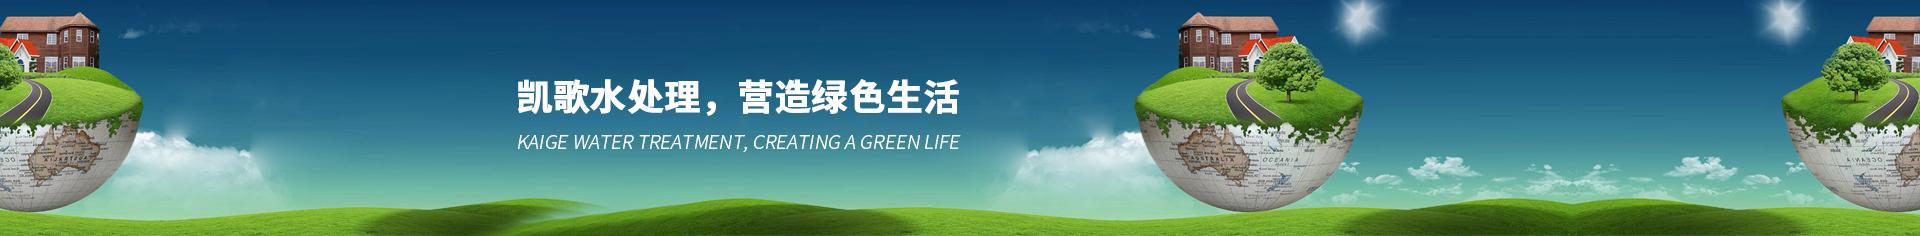 小banner.jpg